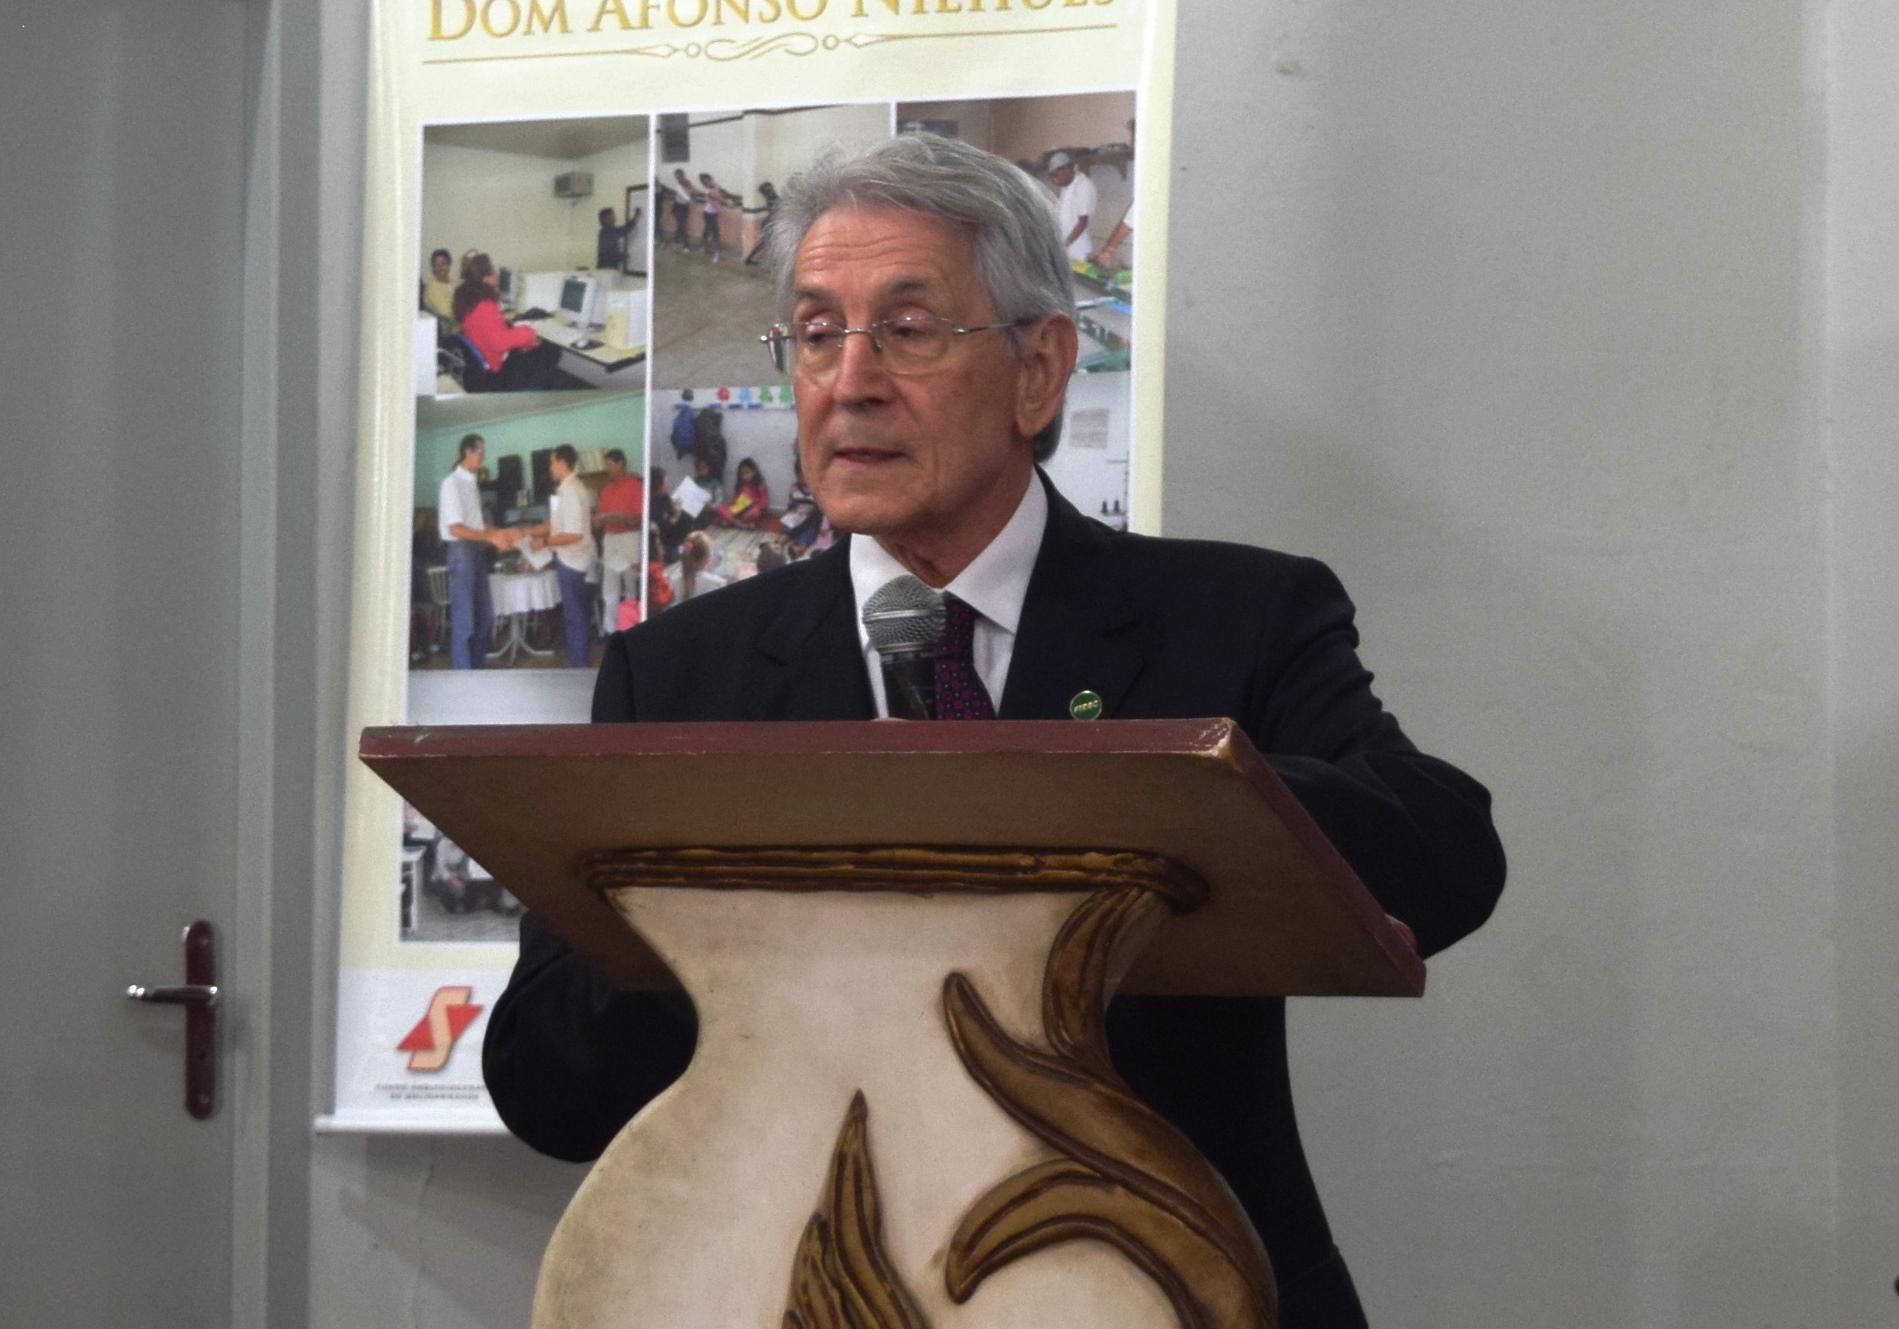 Ação Social Arquidiocesana realiza entrega do Prêmio Dom Afonso  #796B52 1899 1329